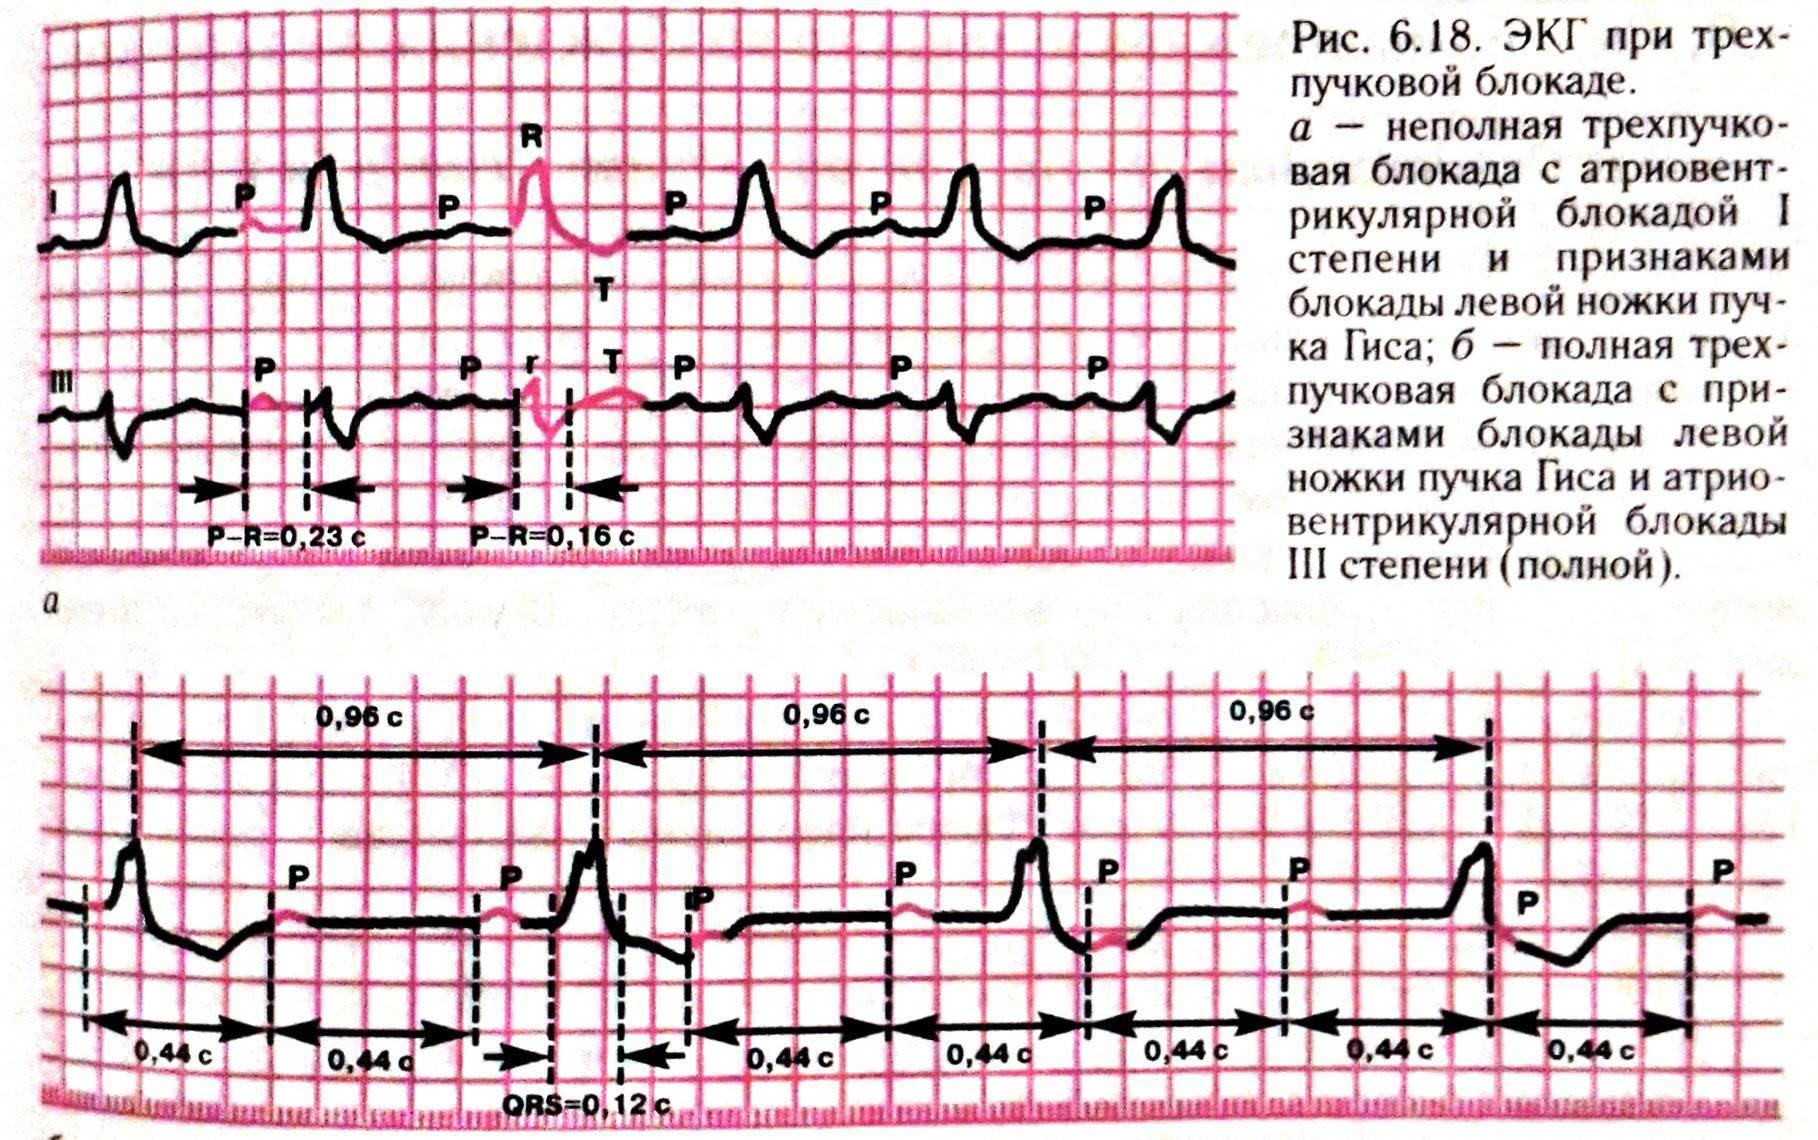 Нарушение внутрижелудочковой проводимости сердца у детей: что это, опасно ли